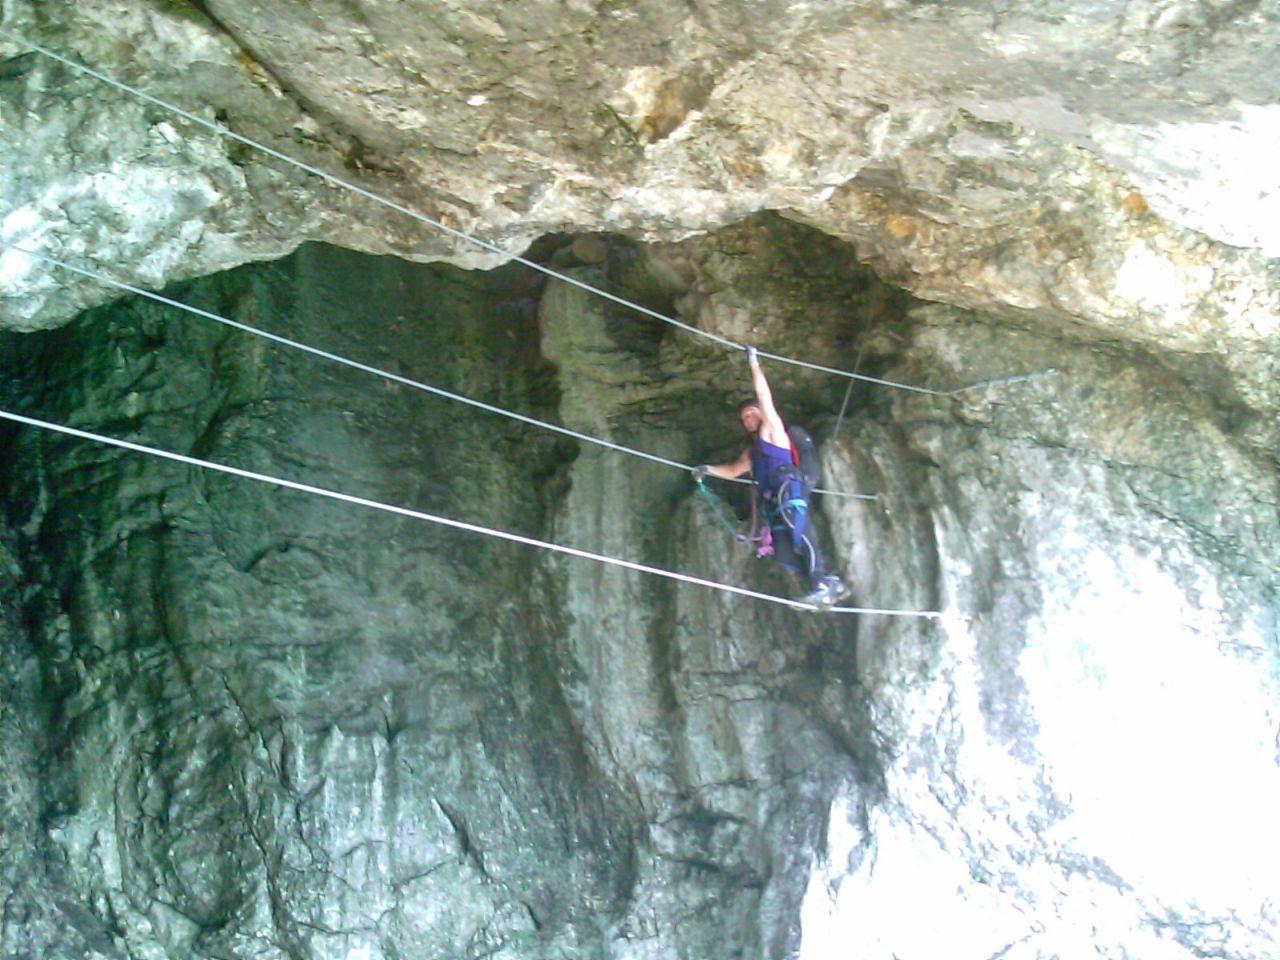 Klettersteig Leopoldsteinersee : Klettersteig eisenerz alpenverein